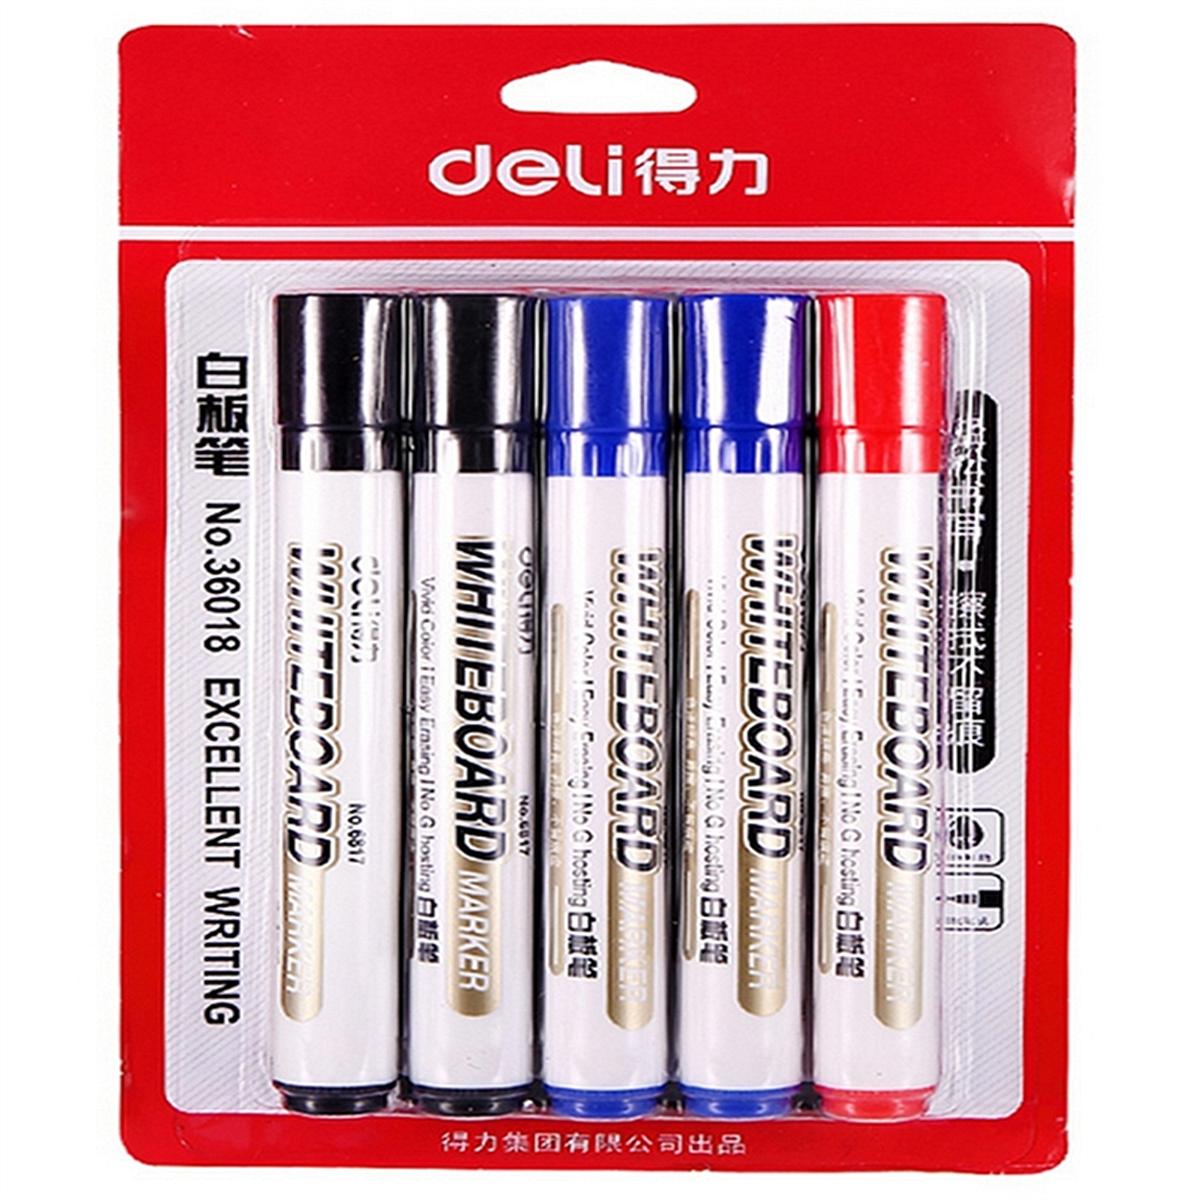 得力 36018 卡装白板笔 2mm 10支/卡 (单位:卡) 红、蓝、黑